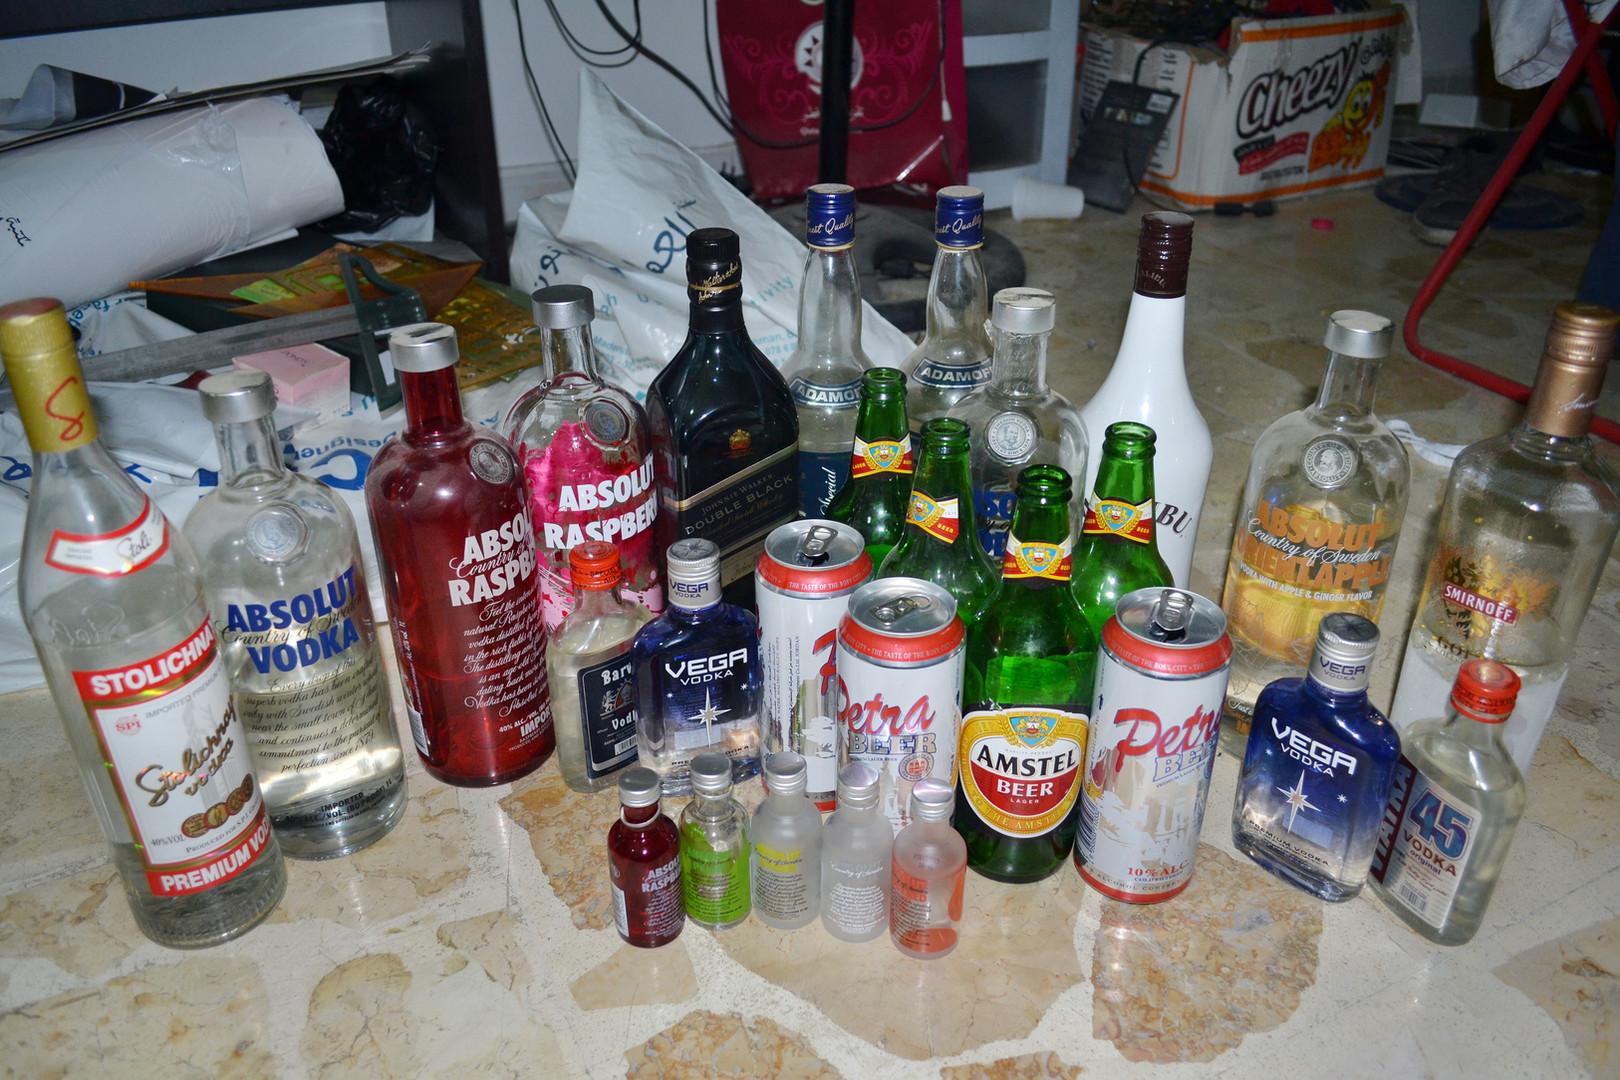 V času študija sem veliko pil. Skoraj bi postal alkoholik, a sem se hvala bogu ustavil in poboljšal.  In the college period I used to drink a lot. I almost got addicted, but thanks god, I stopped and became good again.